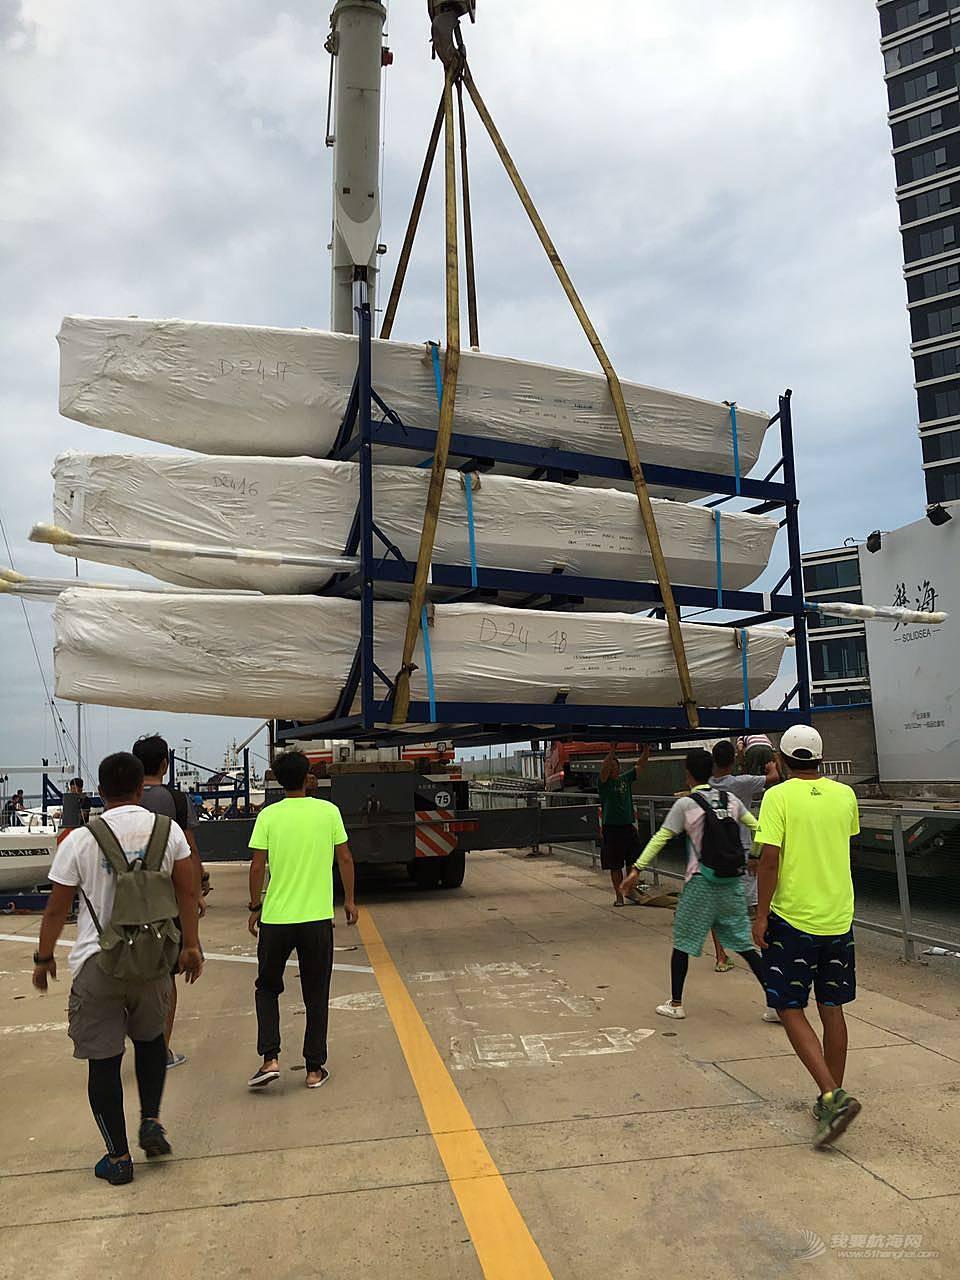 地下水,帆船,游泳 八条DUFOUR-达卡24尺帆船全部成功落地下水!